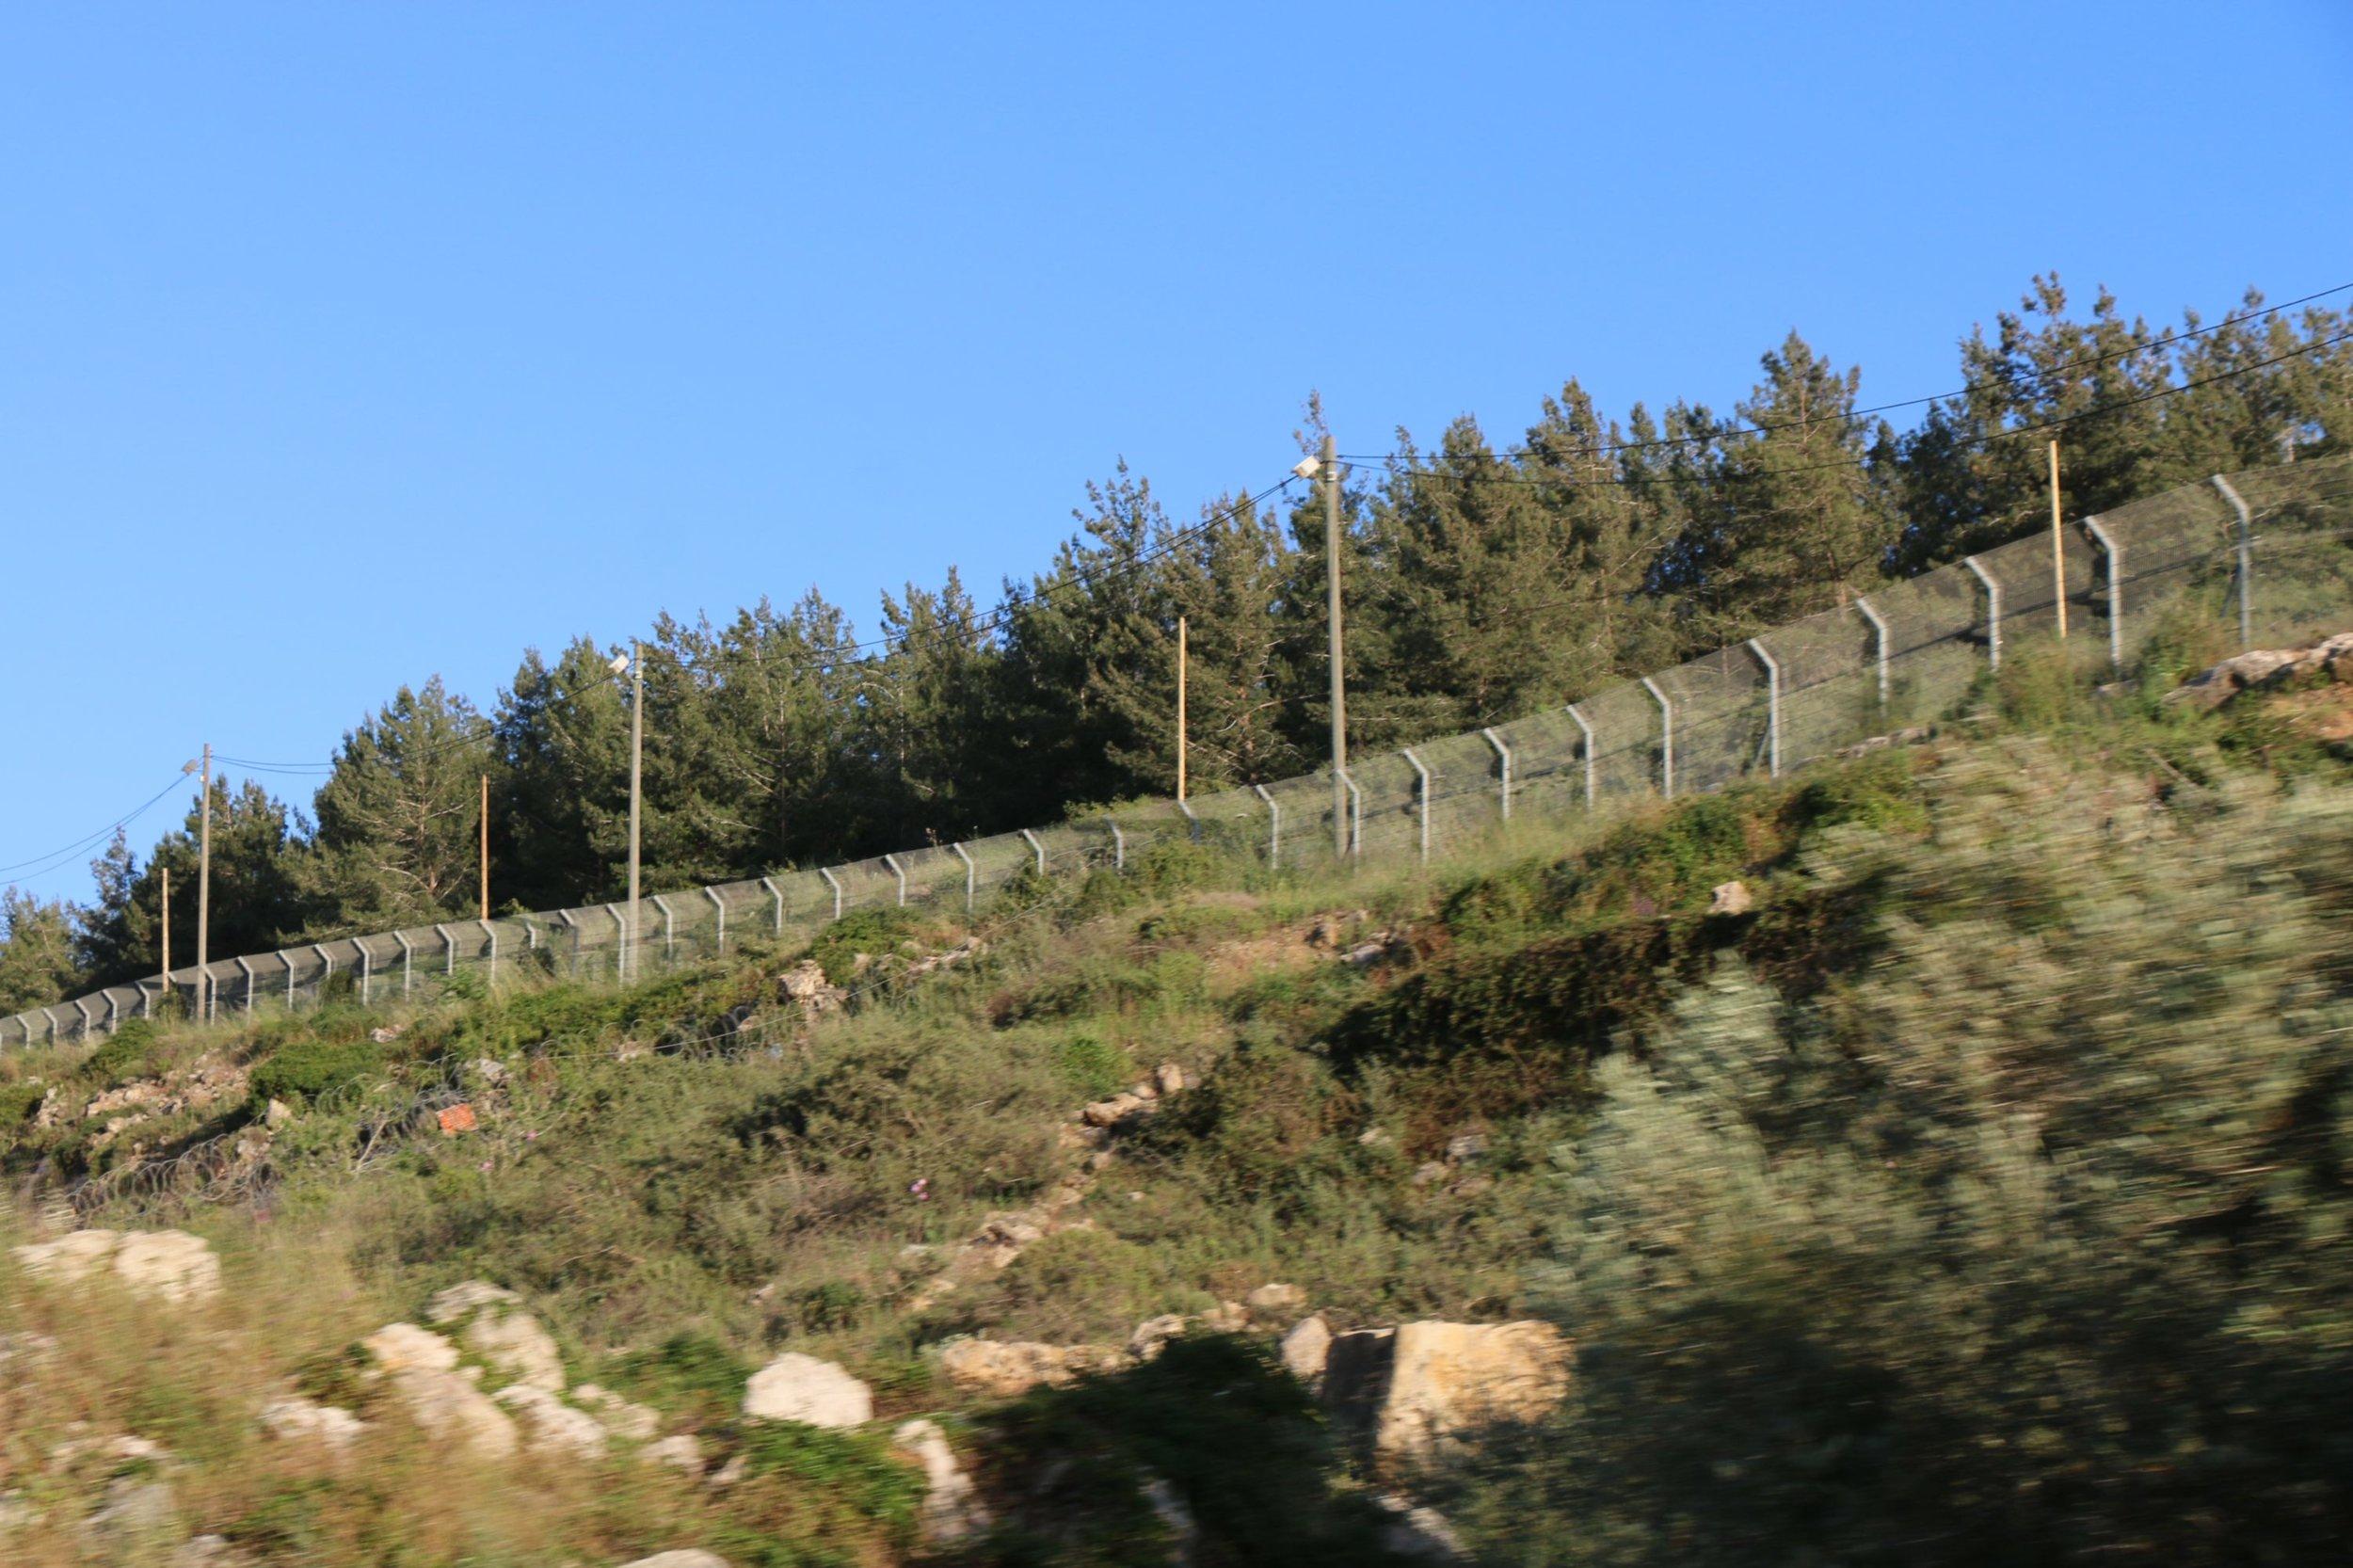 Een Israëlisch hek loopt door het land van de Yousif-familie in de buurt van de illegale Israëlische nederzetting Ariel (MEE / Akram al-Waara)